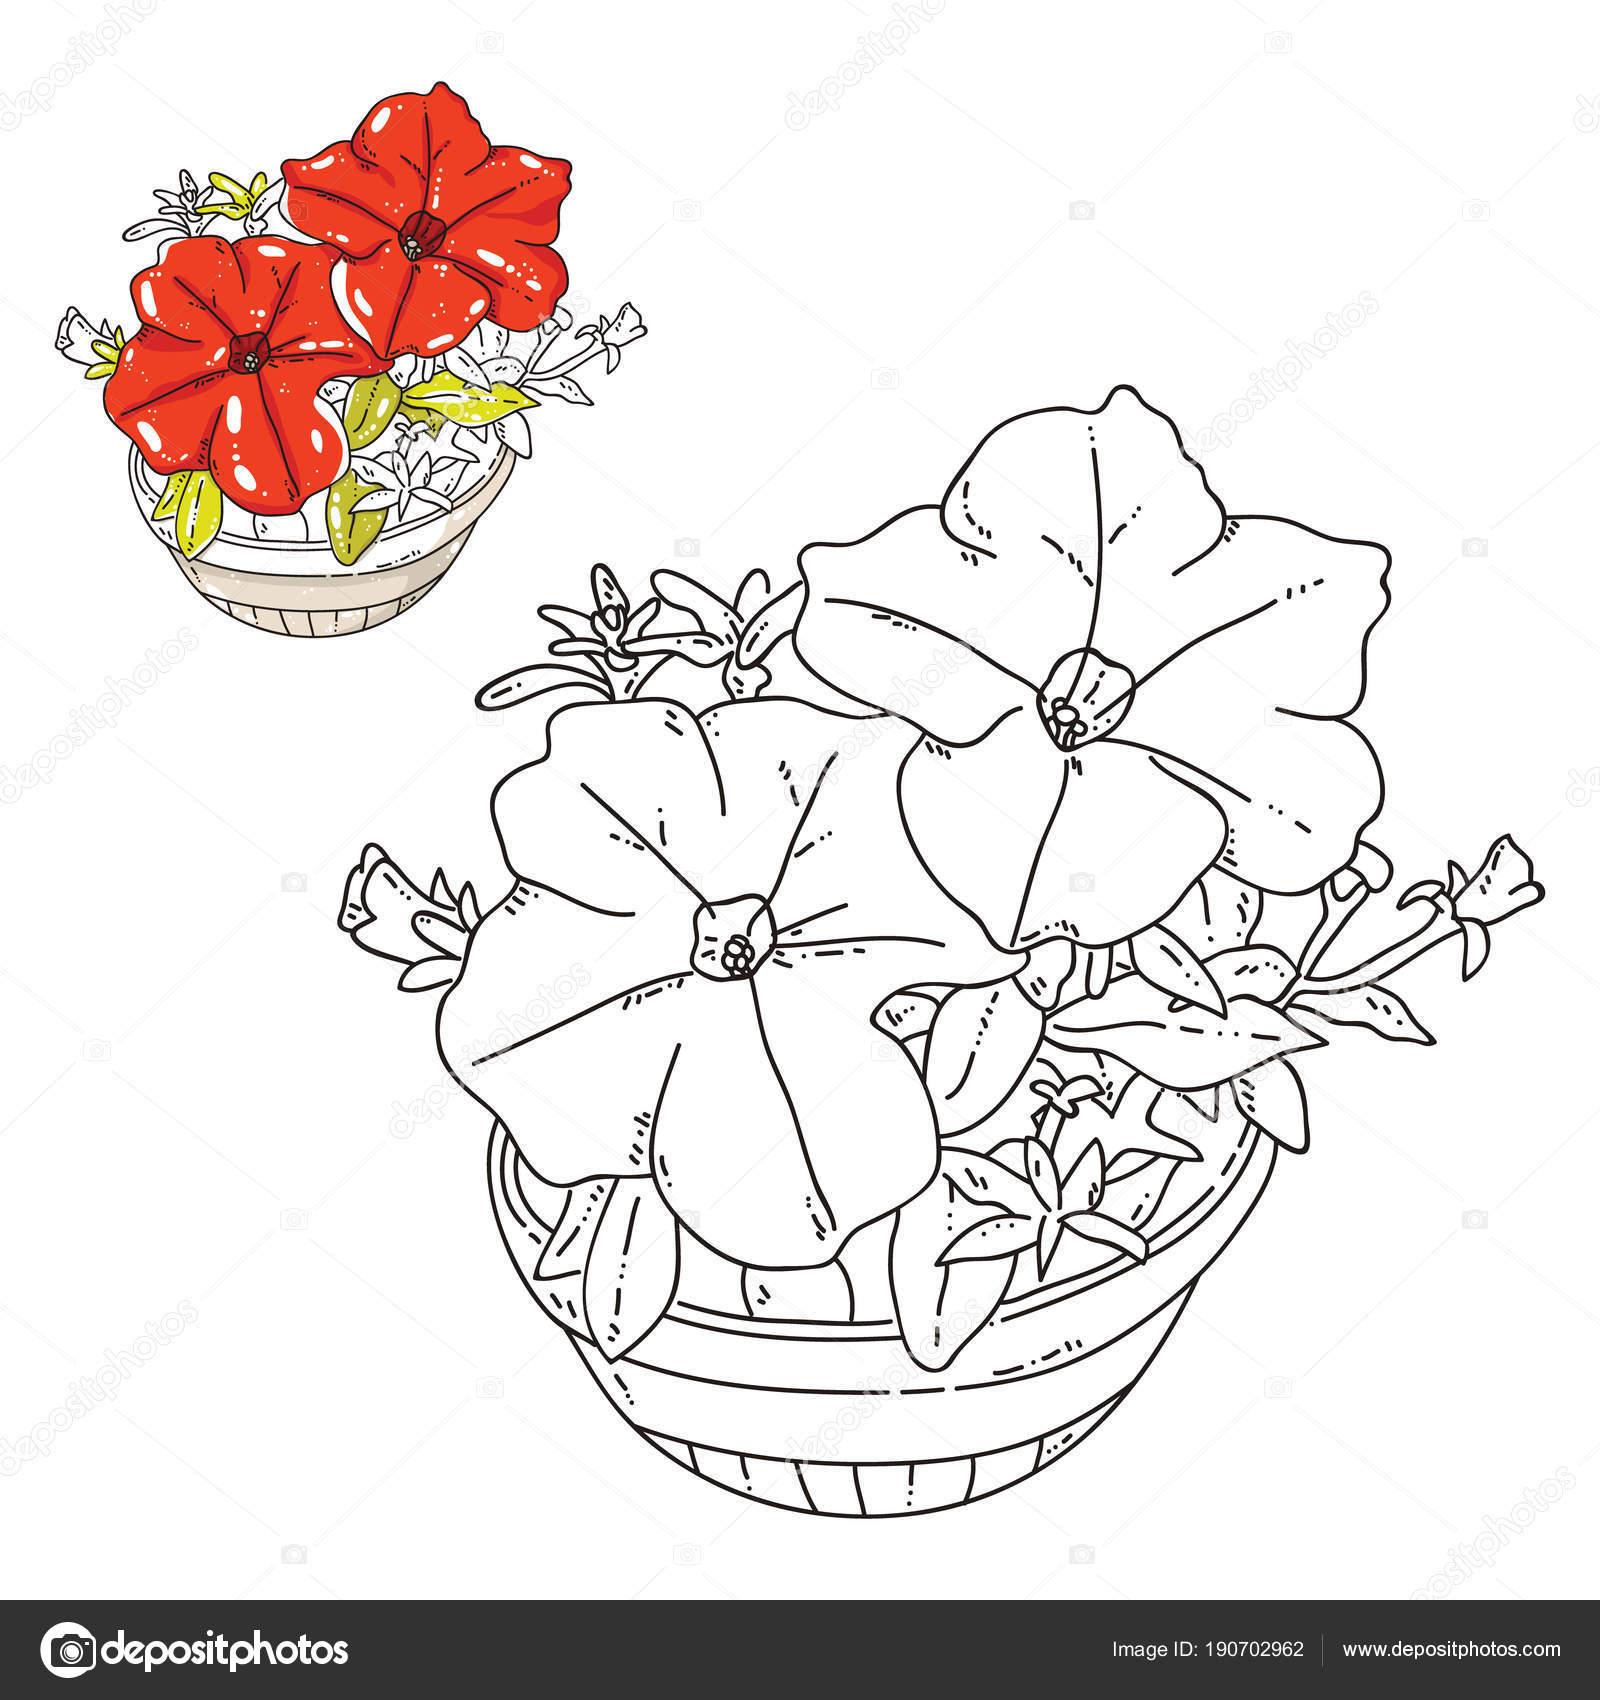 Vektor Erwachsene Malvorlagen Mit Blumen Und Bunten Beispiel